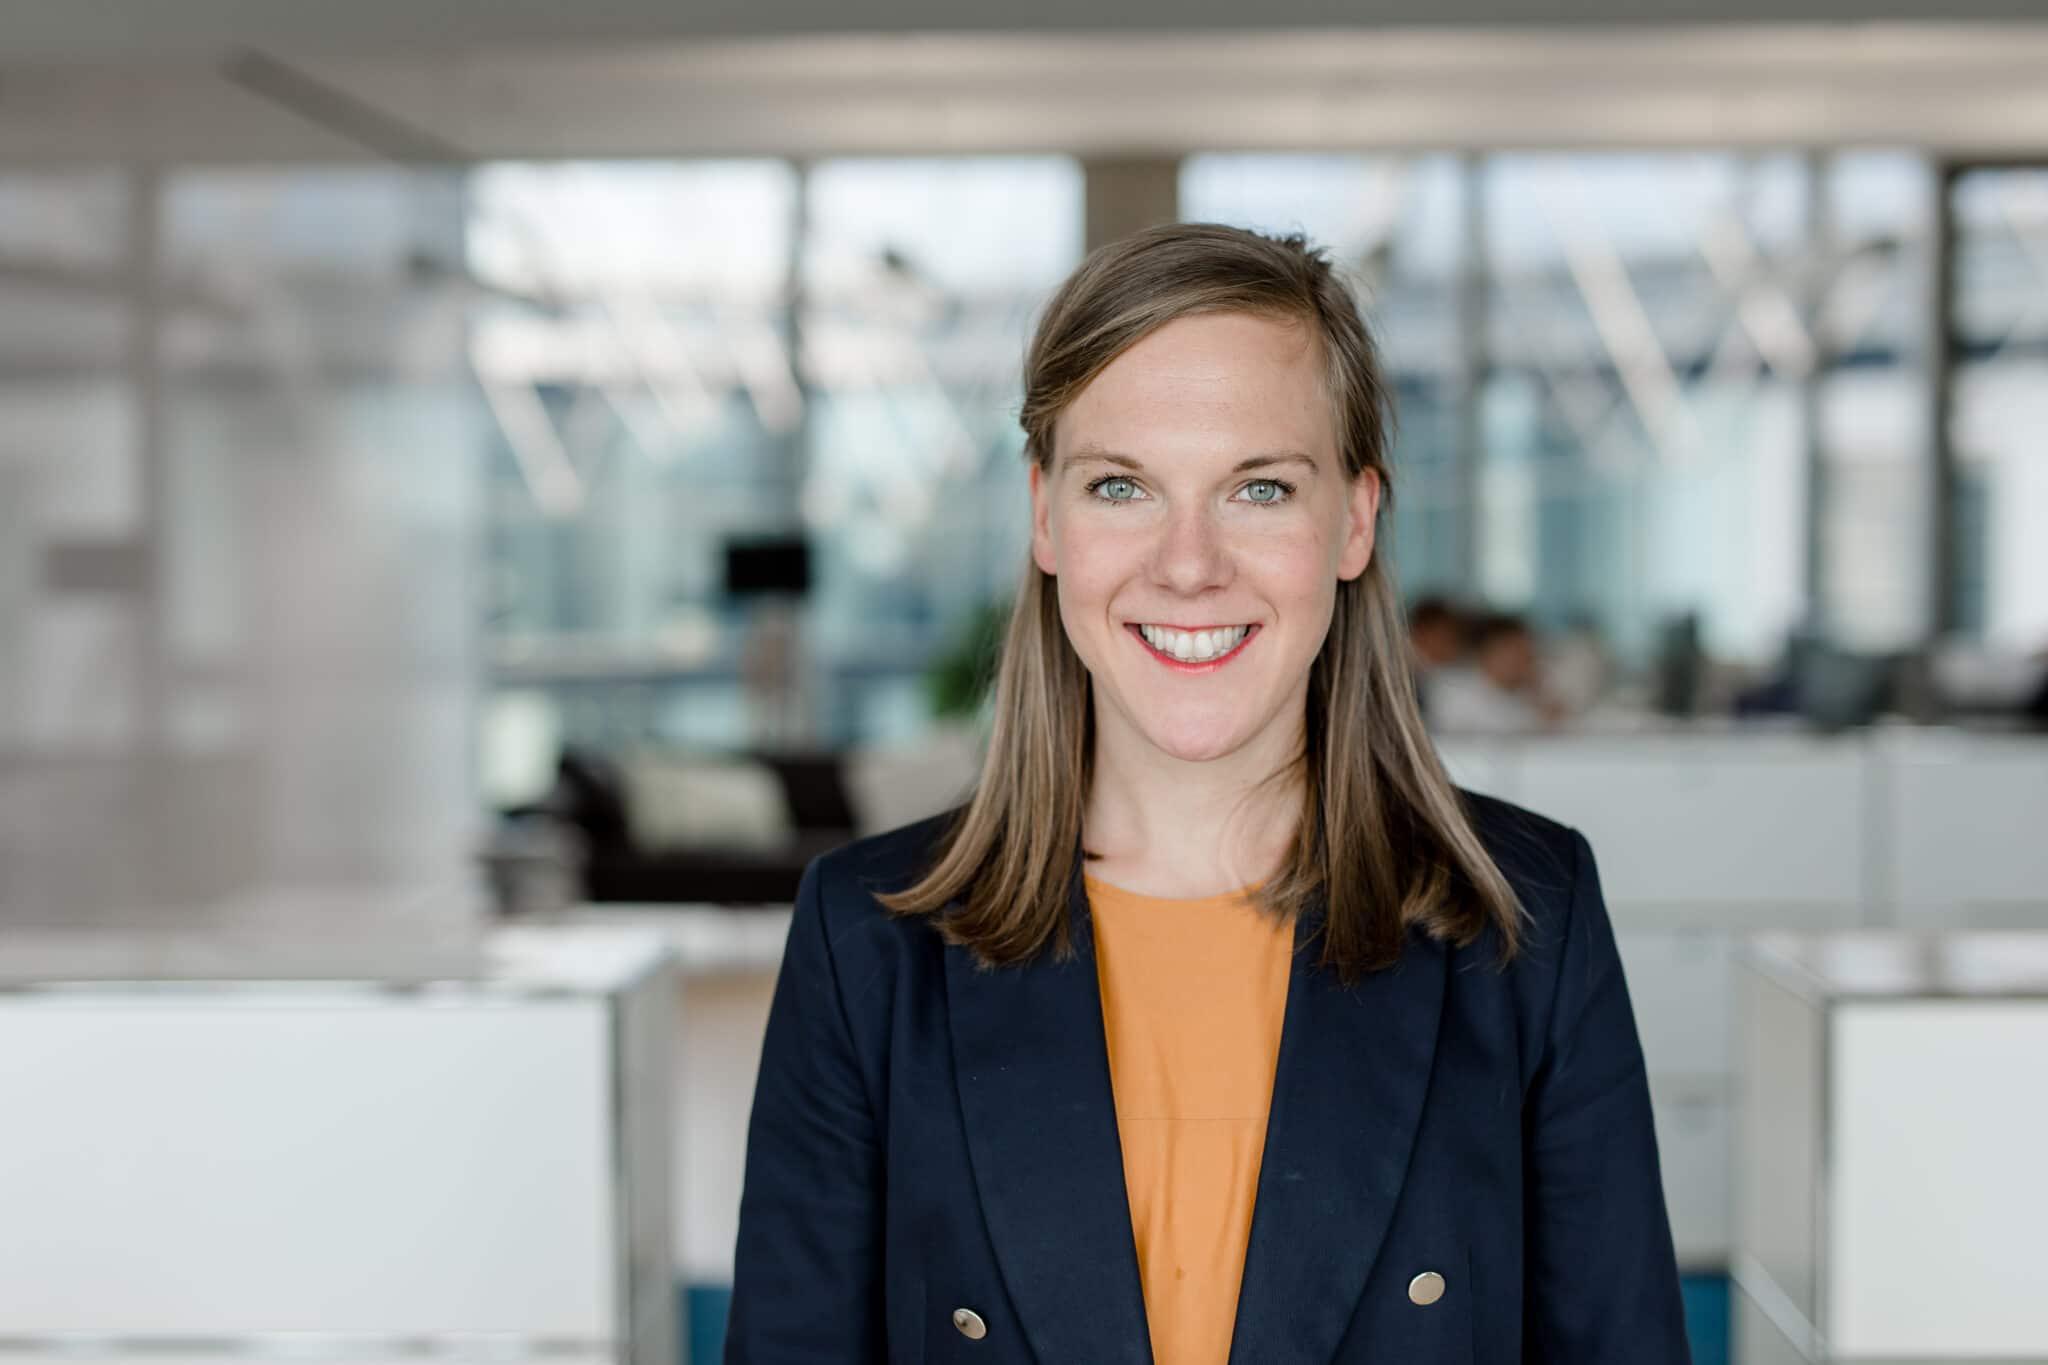 Gesichter Kristin Baumhardt